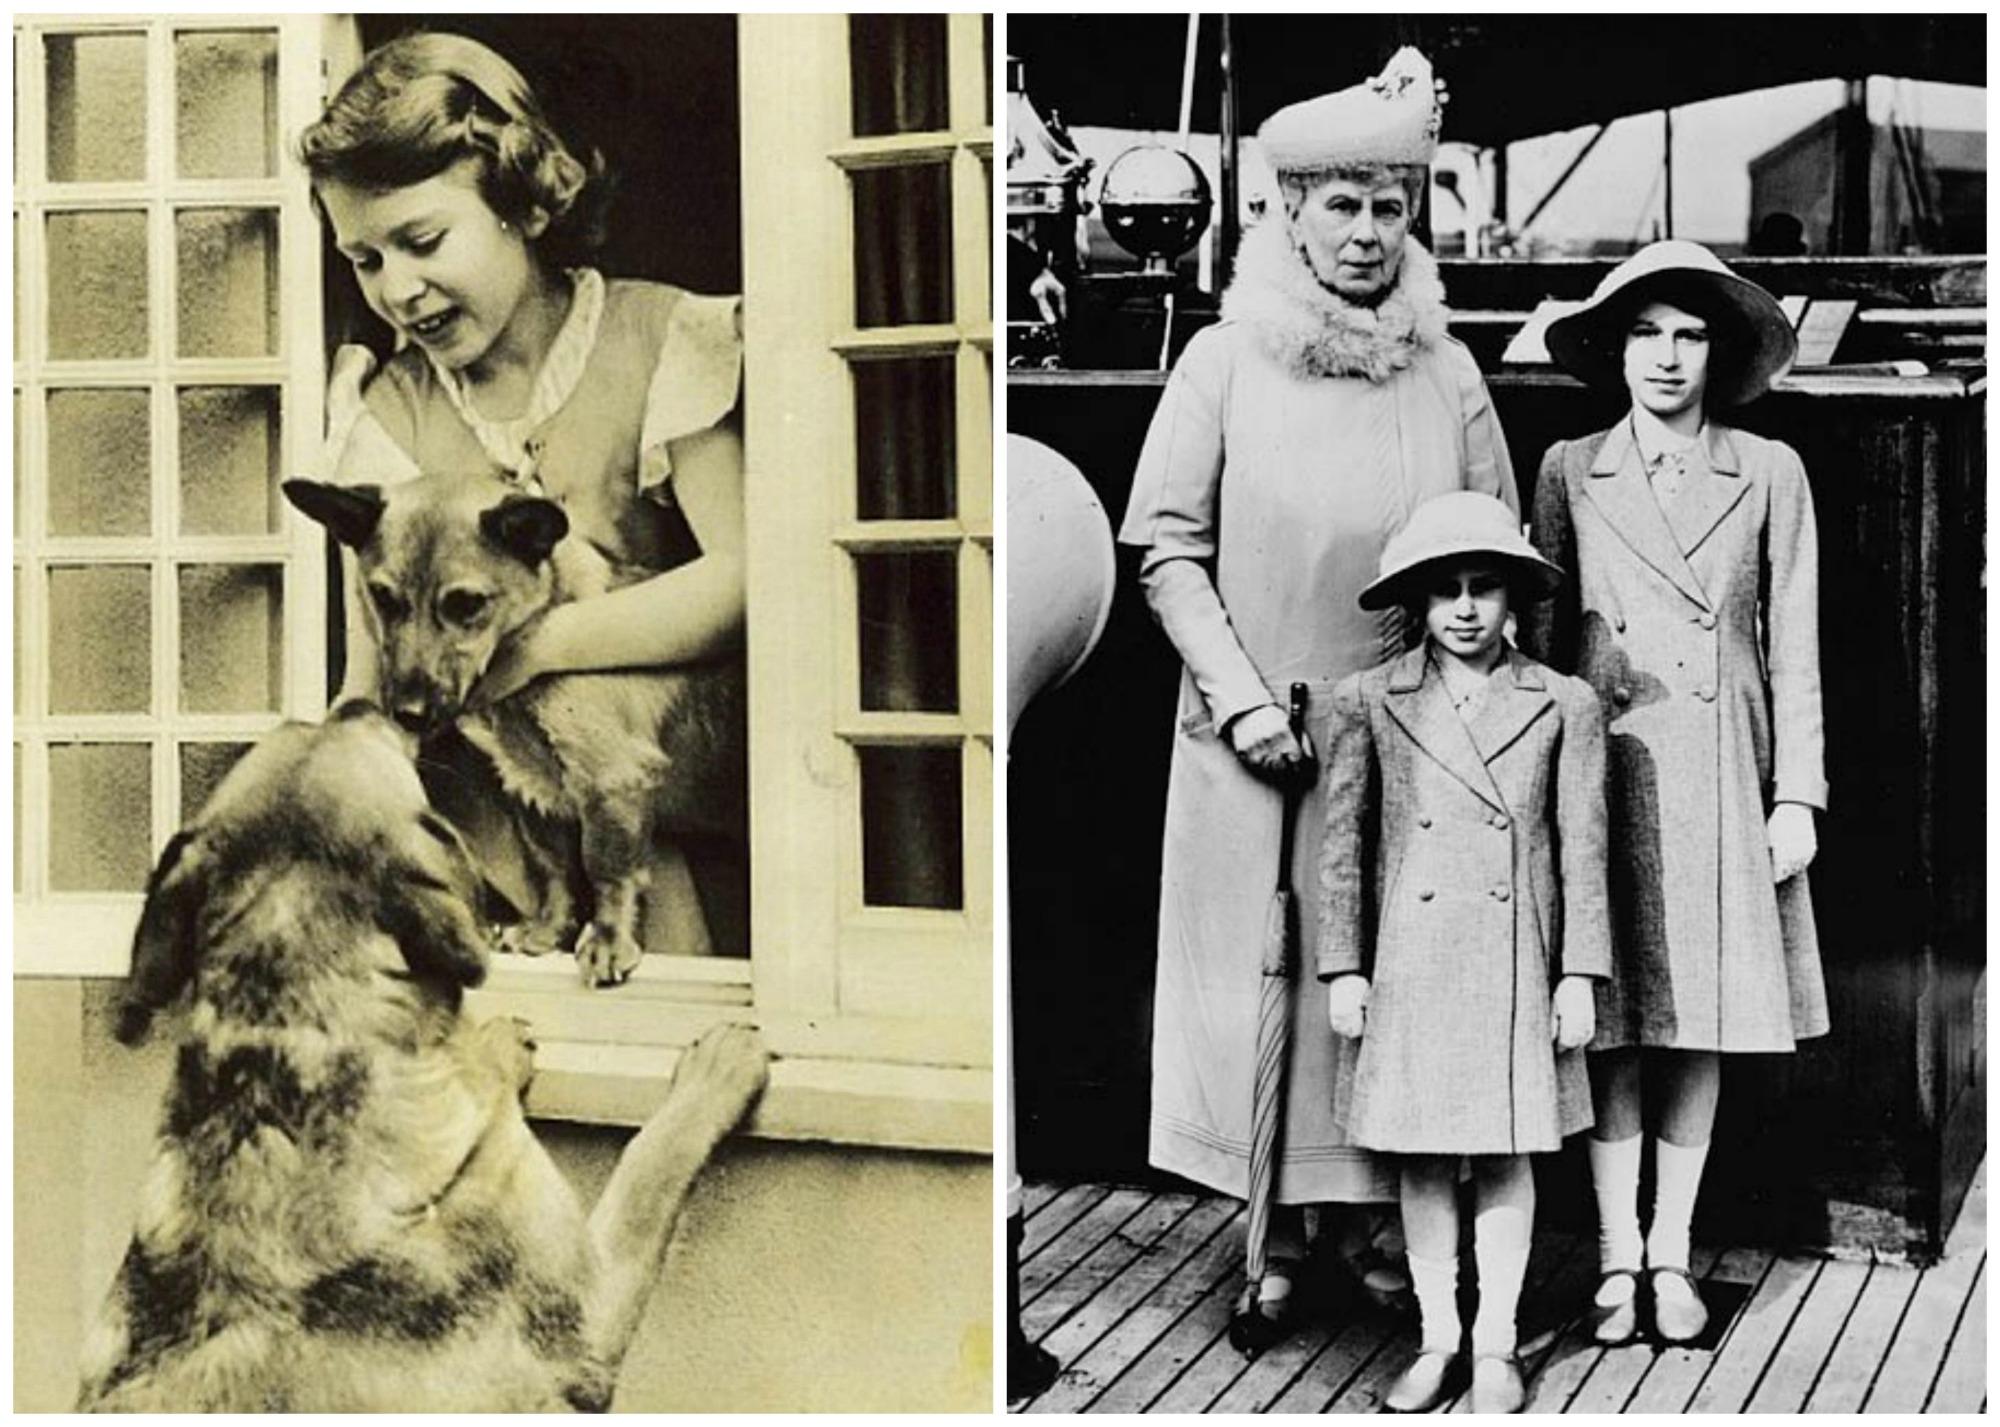 Po lewej trzynastoletnia księżniczka Elżbieta ze swoimi psami, po prawej w 1939 r. z babką Marią i młodszą siostrą - księżniczką Małgorzatą (fot. Flickr.com / Domena publiczna /  Federal News Photos / Library and Archives Canada / PA-125804)